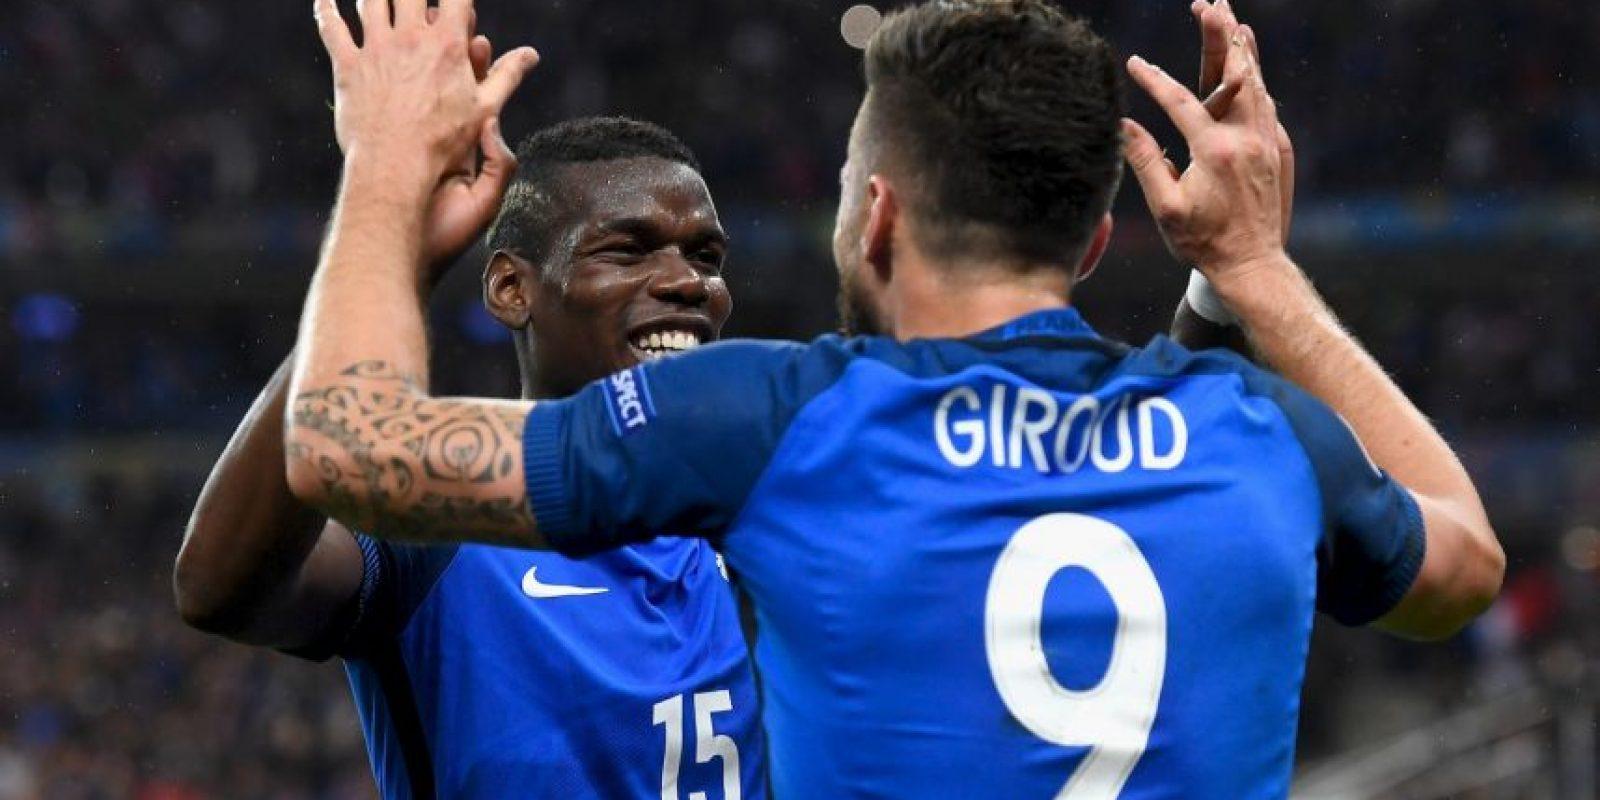 Francia, en tanto, aguantó la presión de enfrentar a la sorprendente Islandia y goleó por 5 a 2 Foto:Getty Images